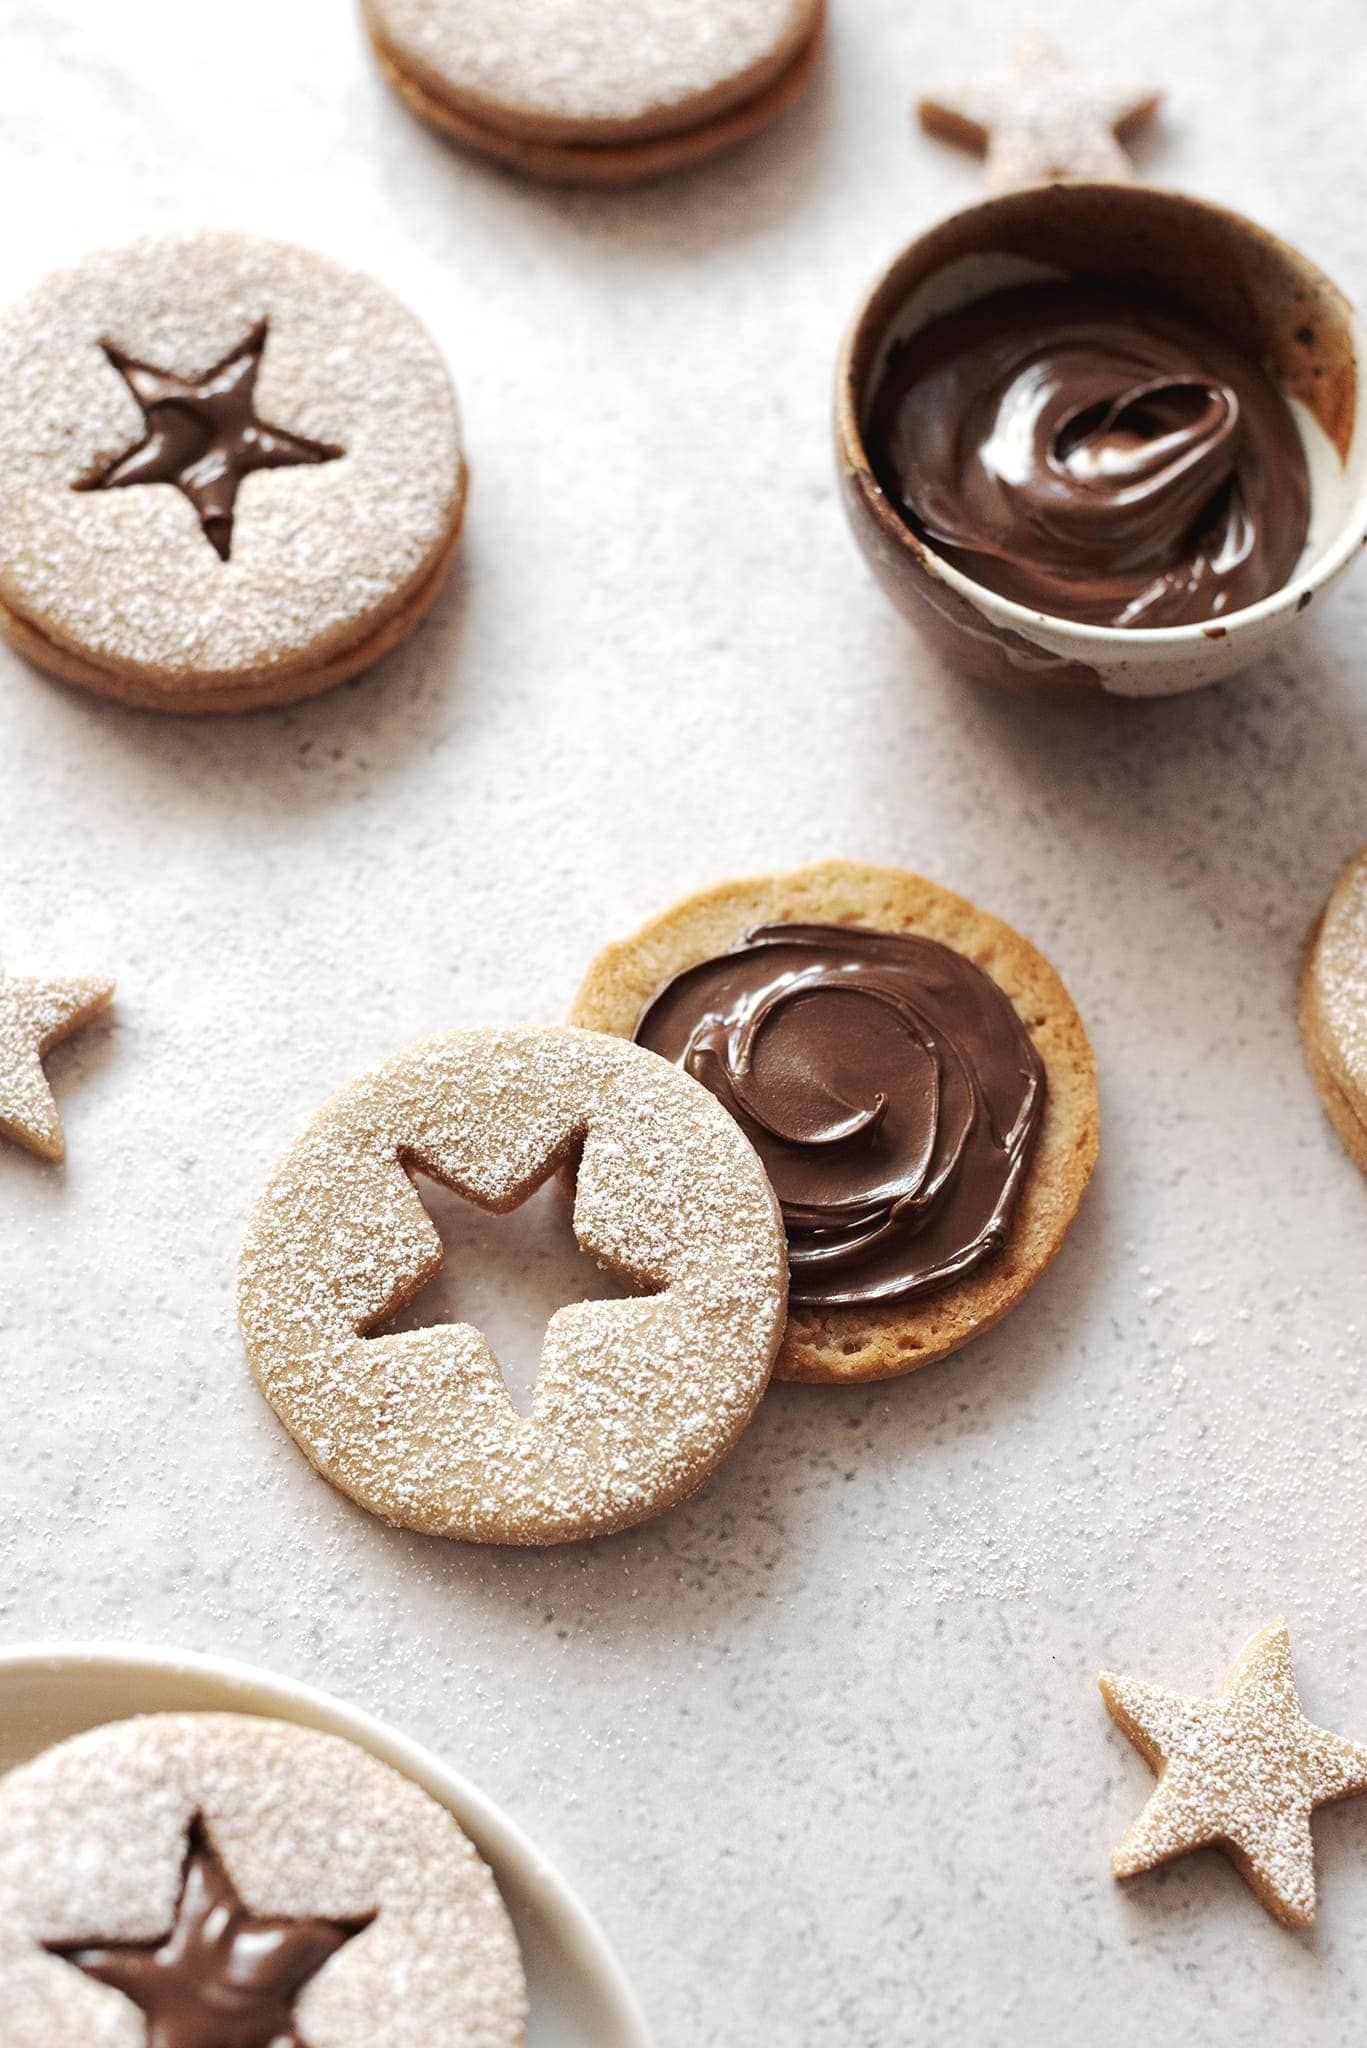 A swirl of hazelnut spread on inside of linzer cookie